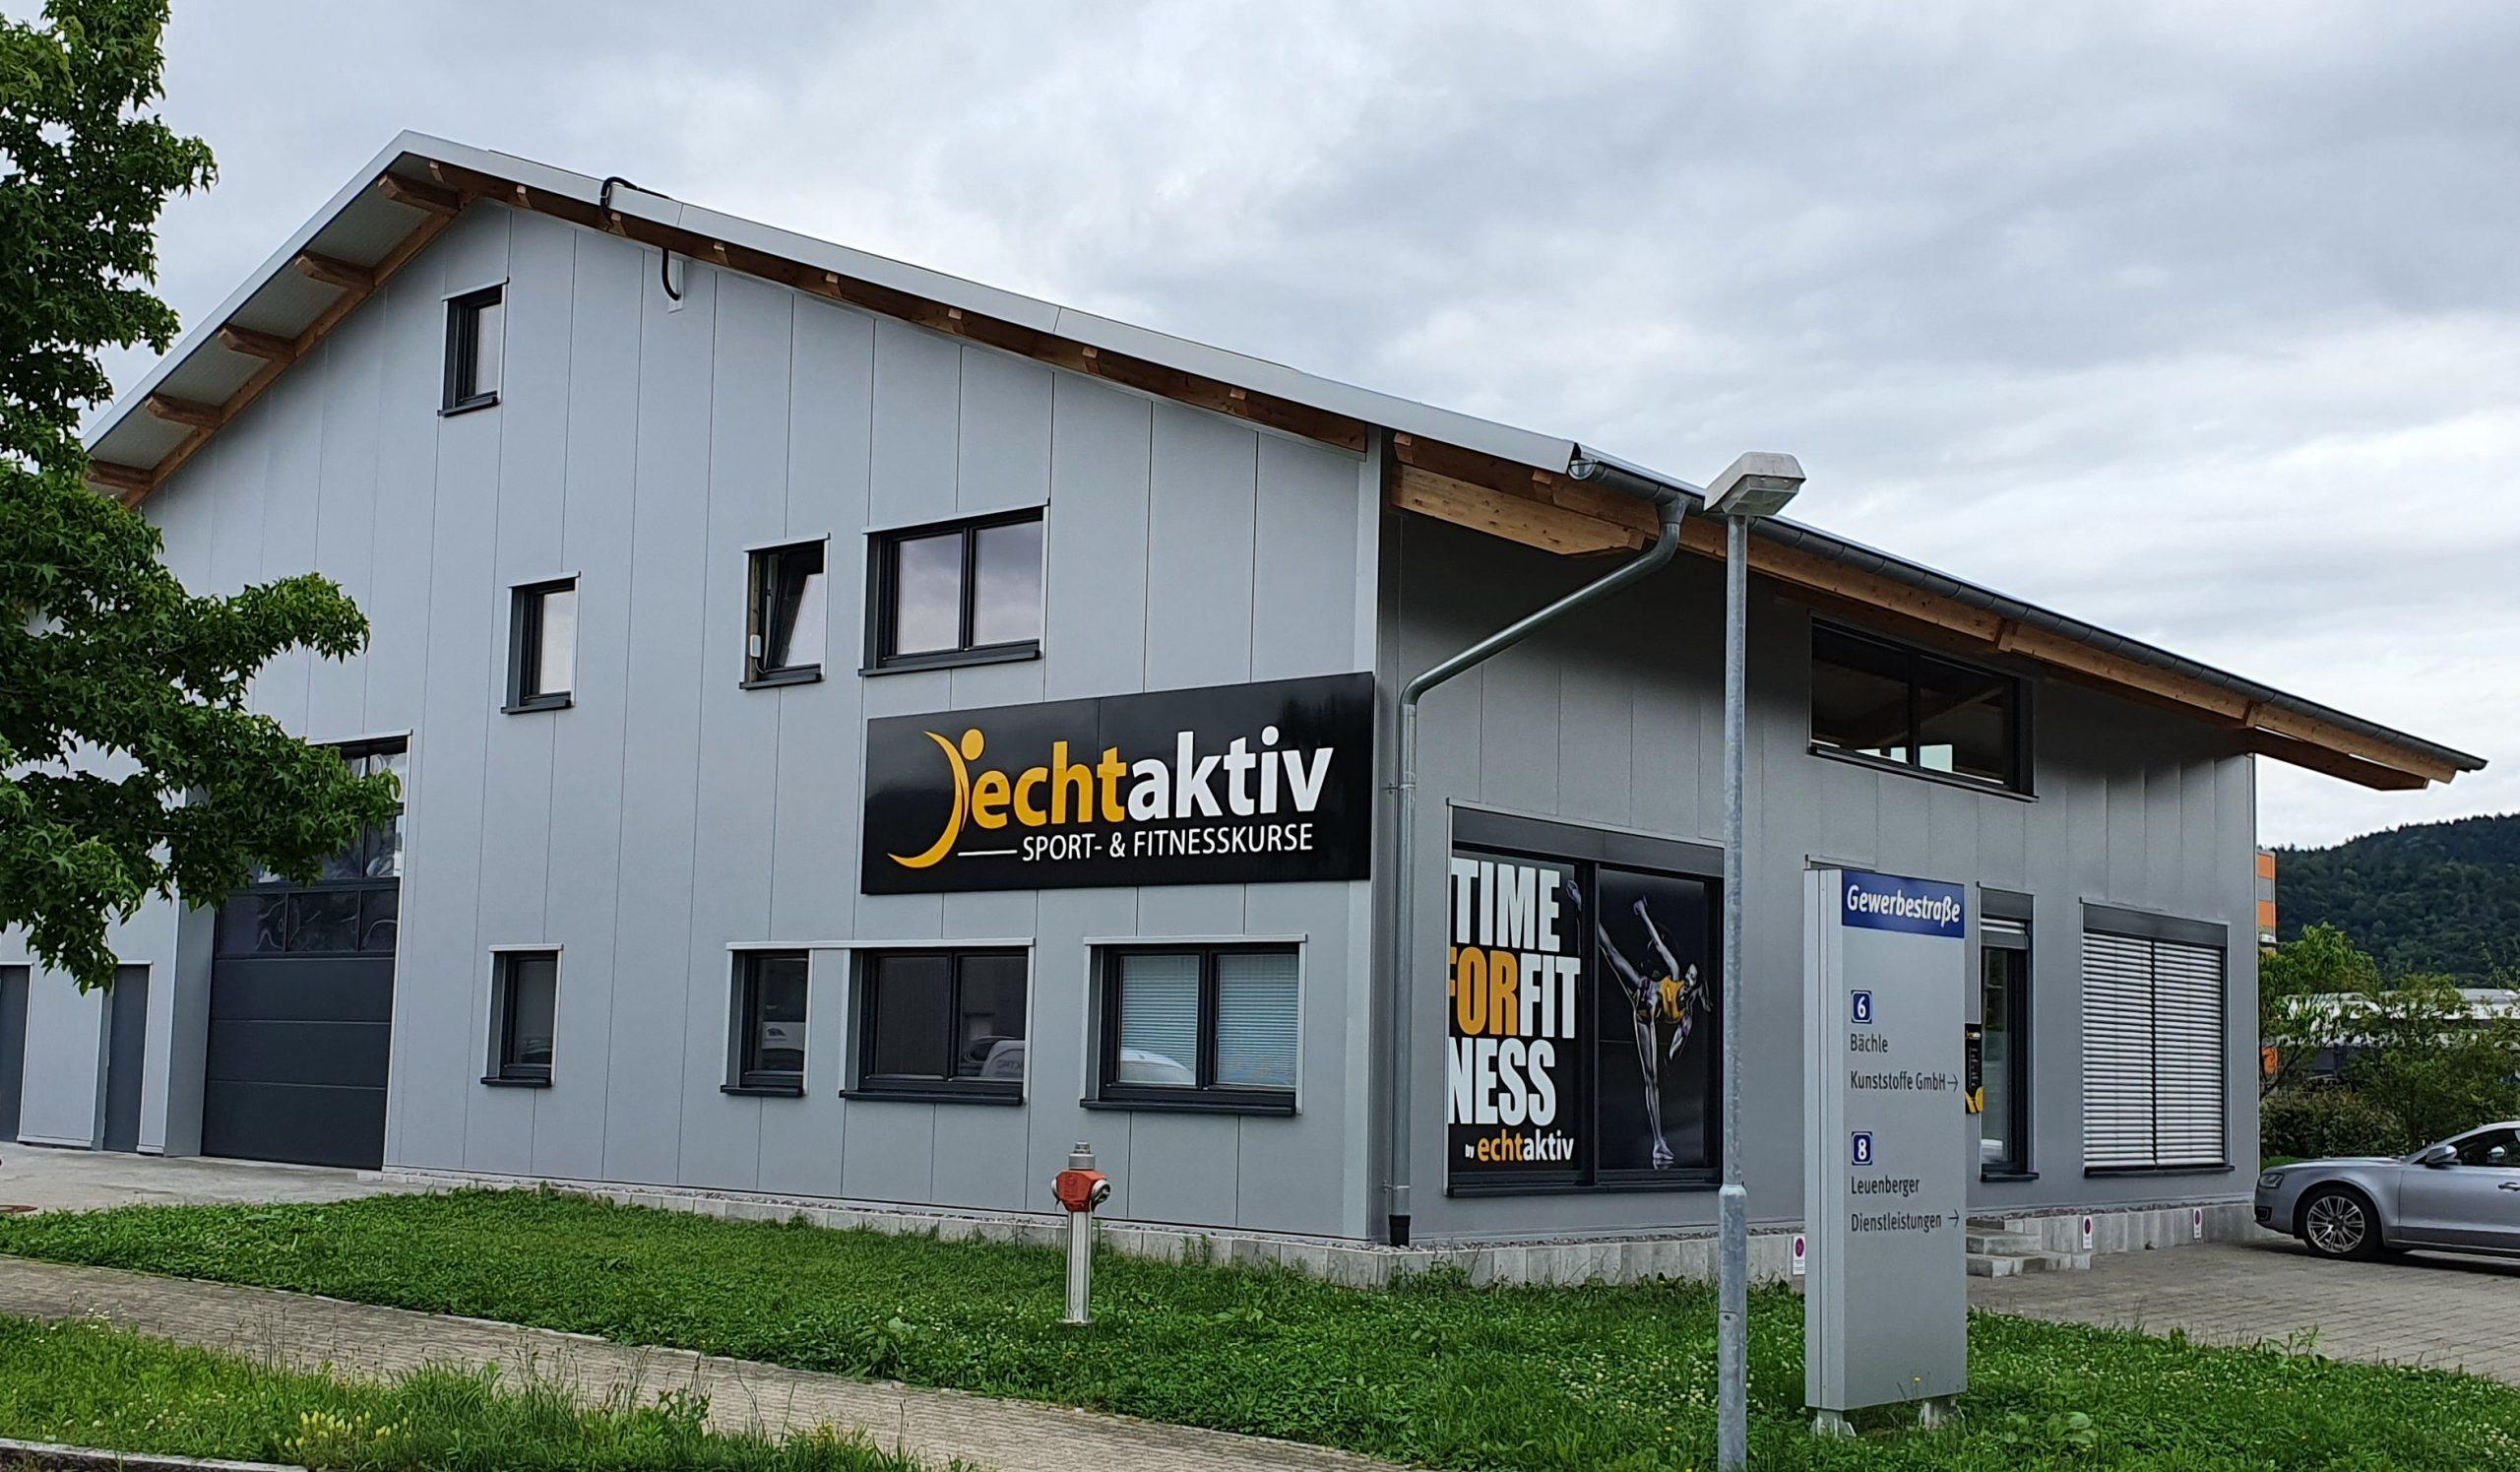 Rehasport in Laufenburg - Echt aktiv